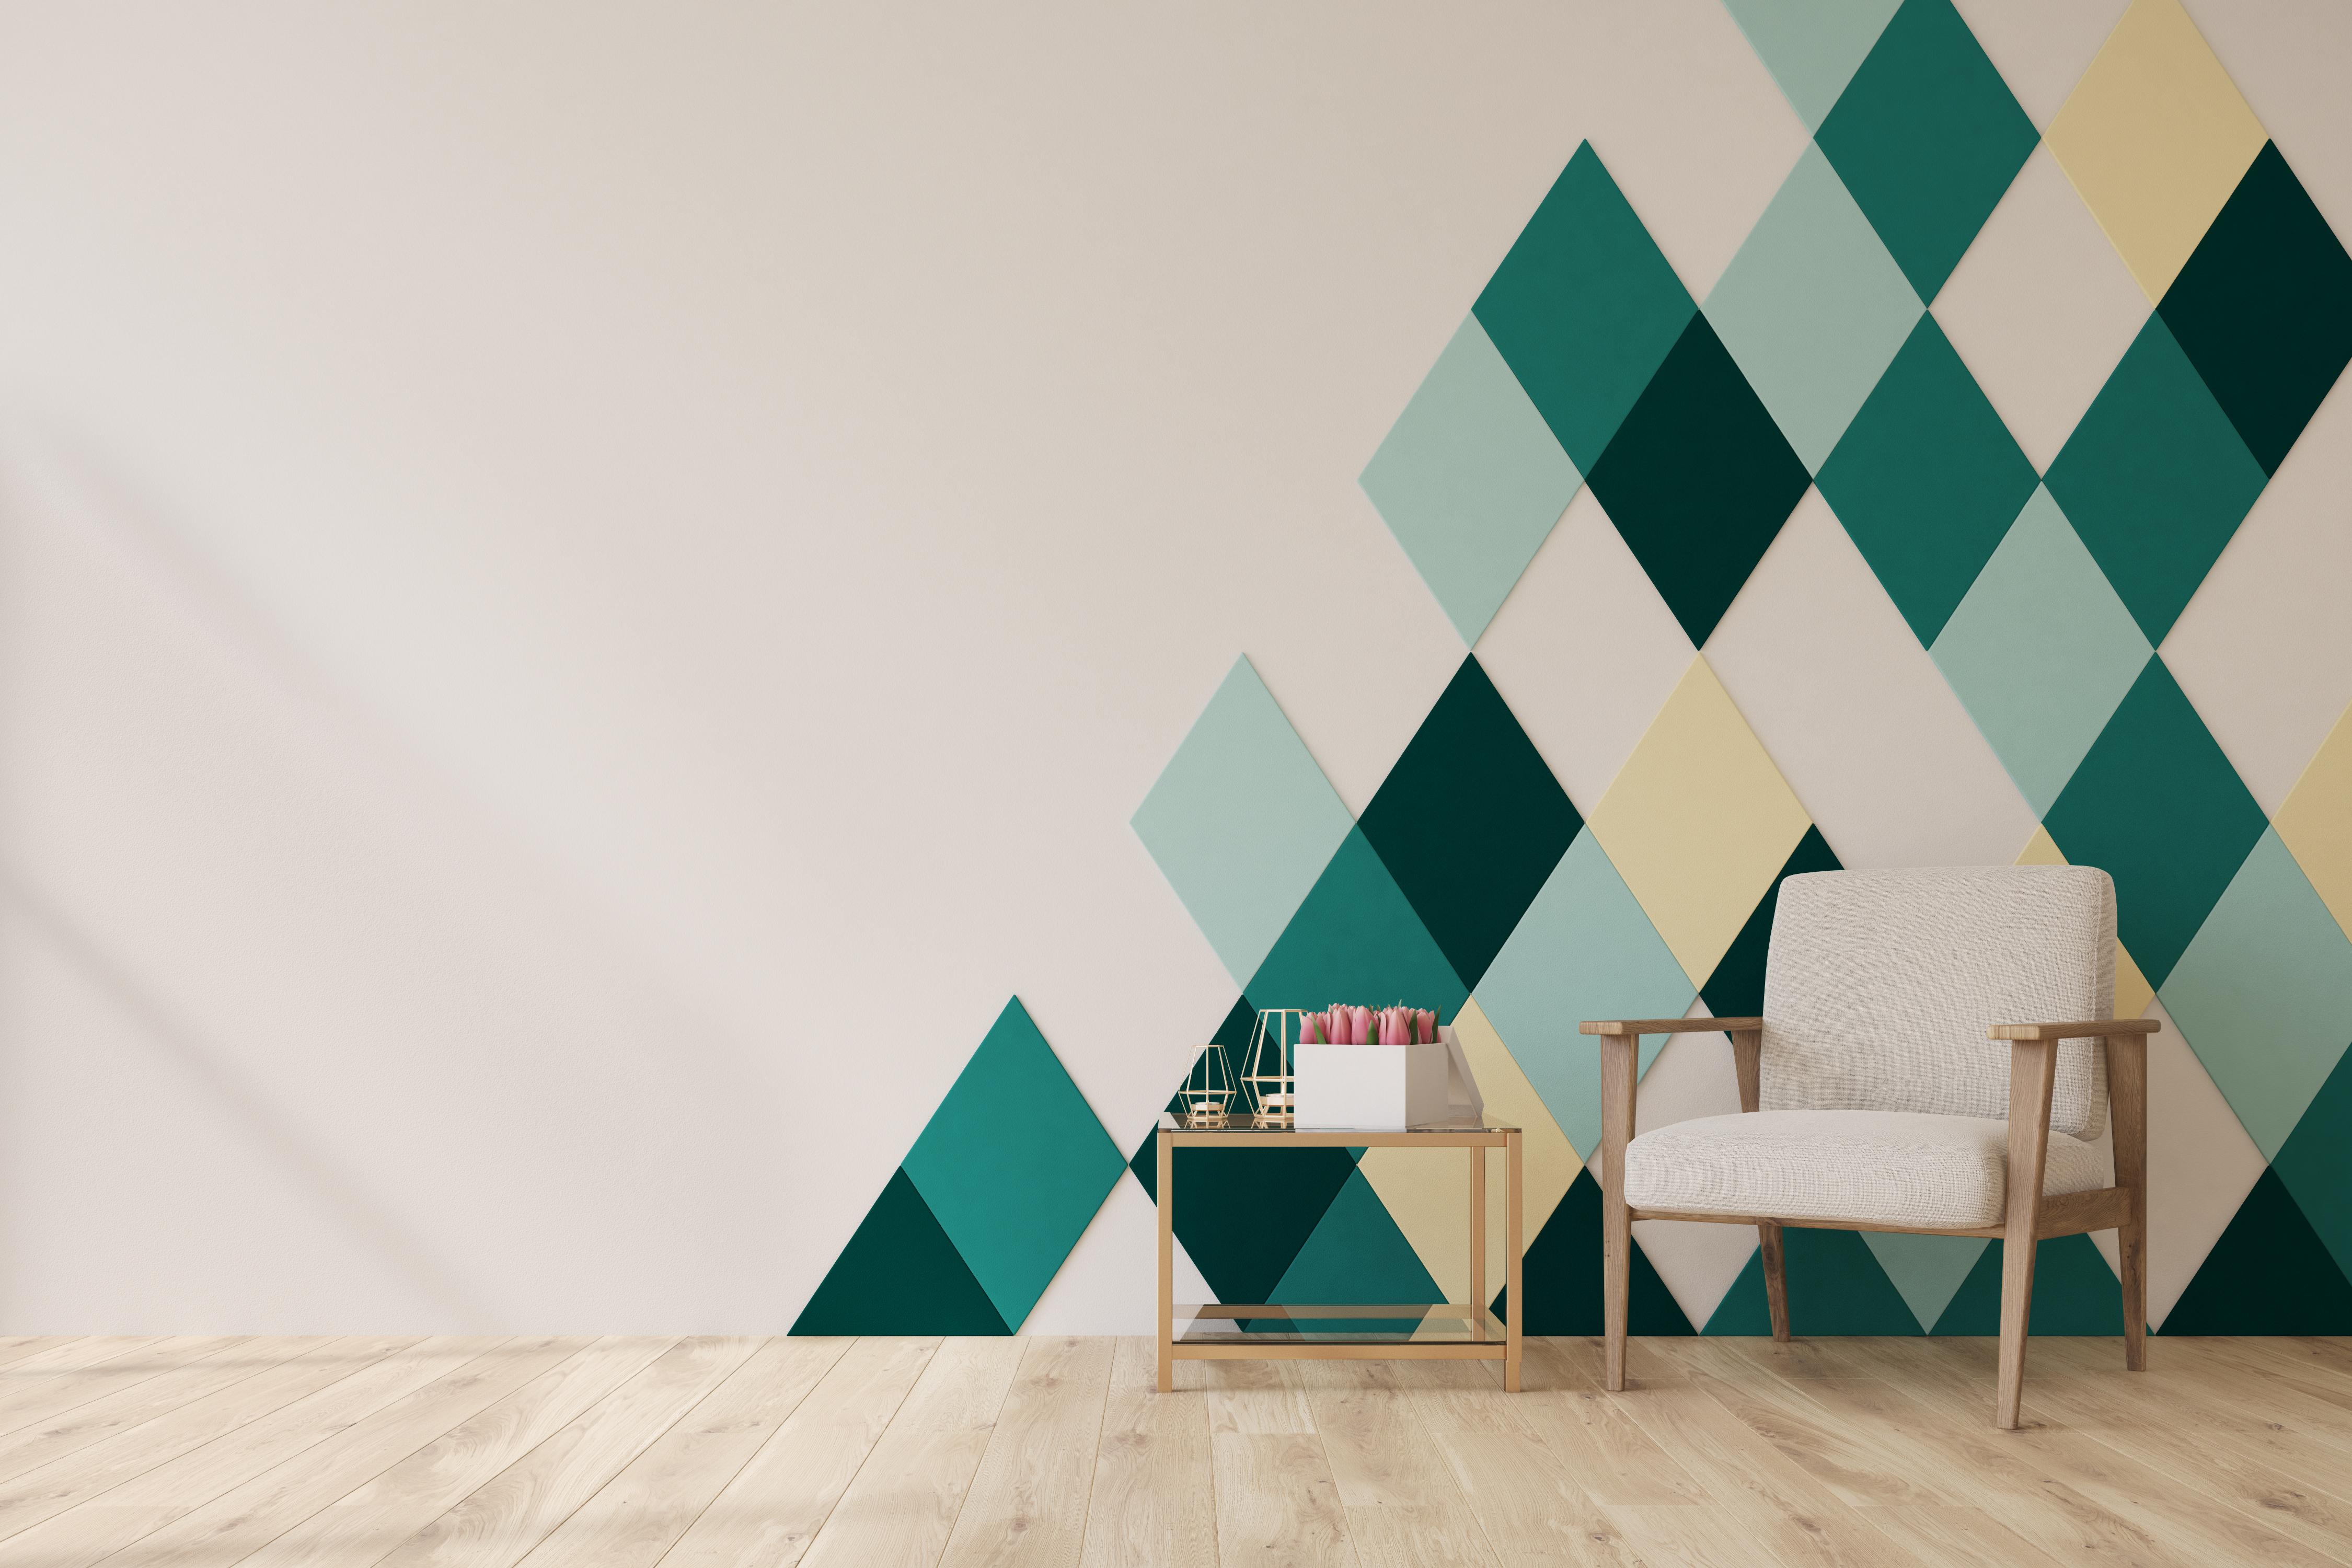 Szablony malarskie – stwórz oryginalne wzory na ścianie i pożegnaj się z nudą!